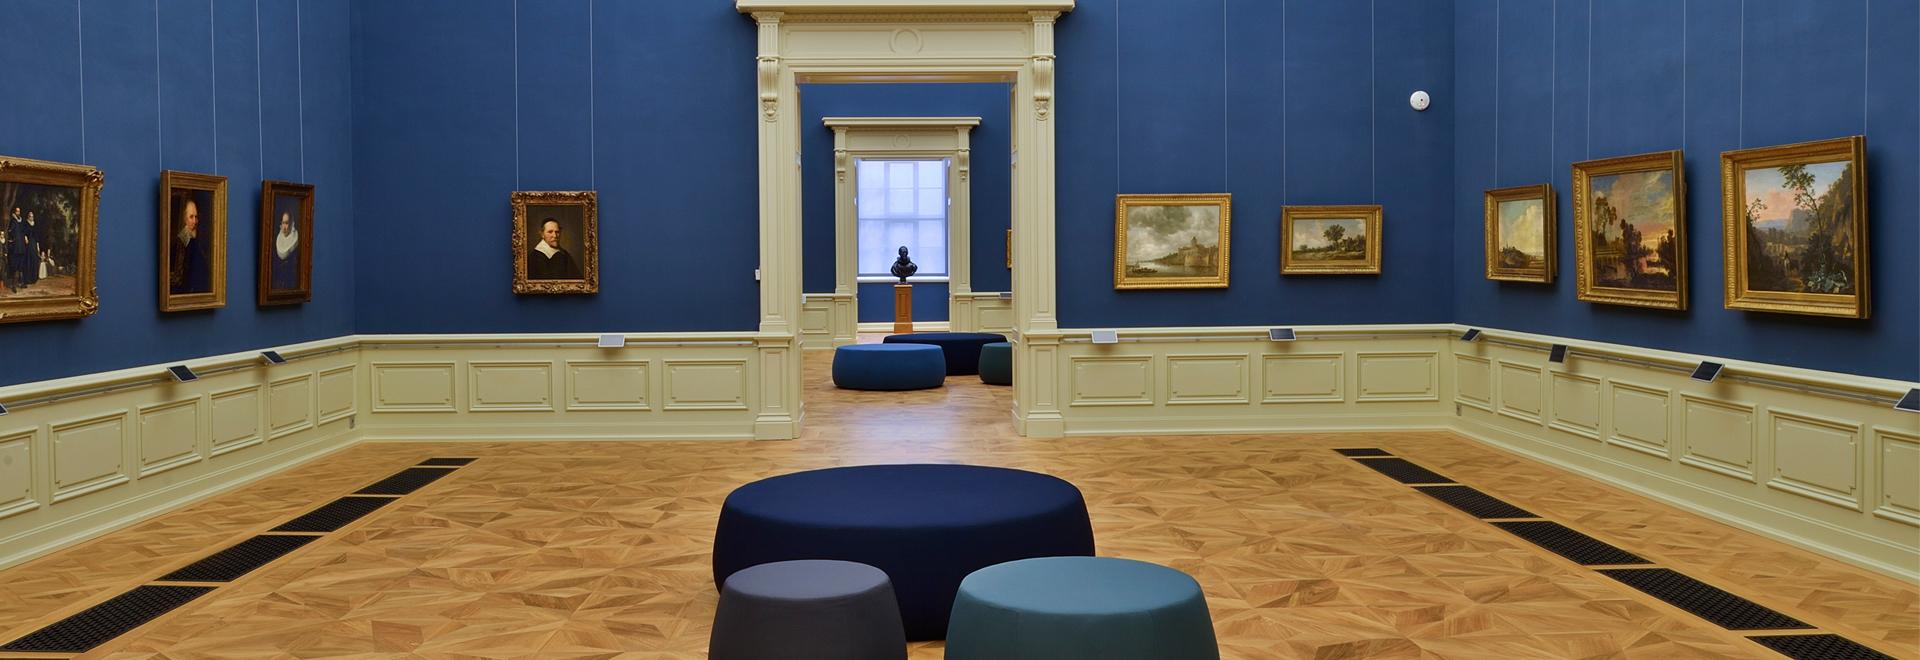 Herzogliches Museum Gotha Gemäldegalerie ©Lutz Ebhardt